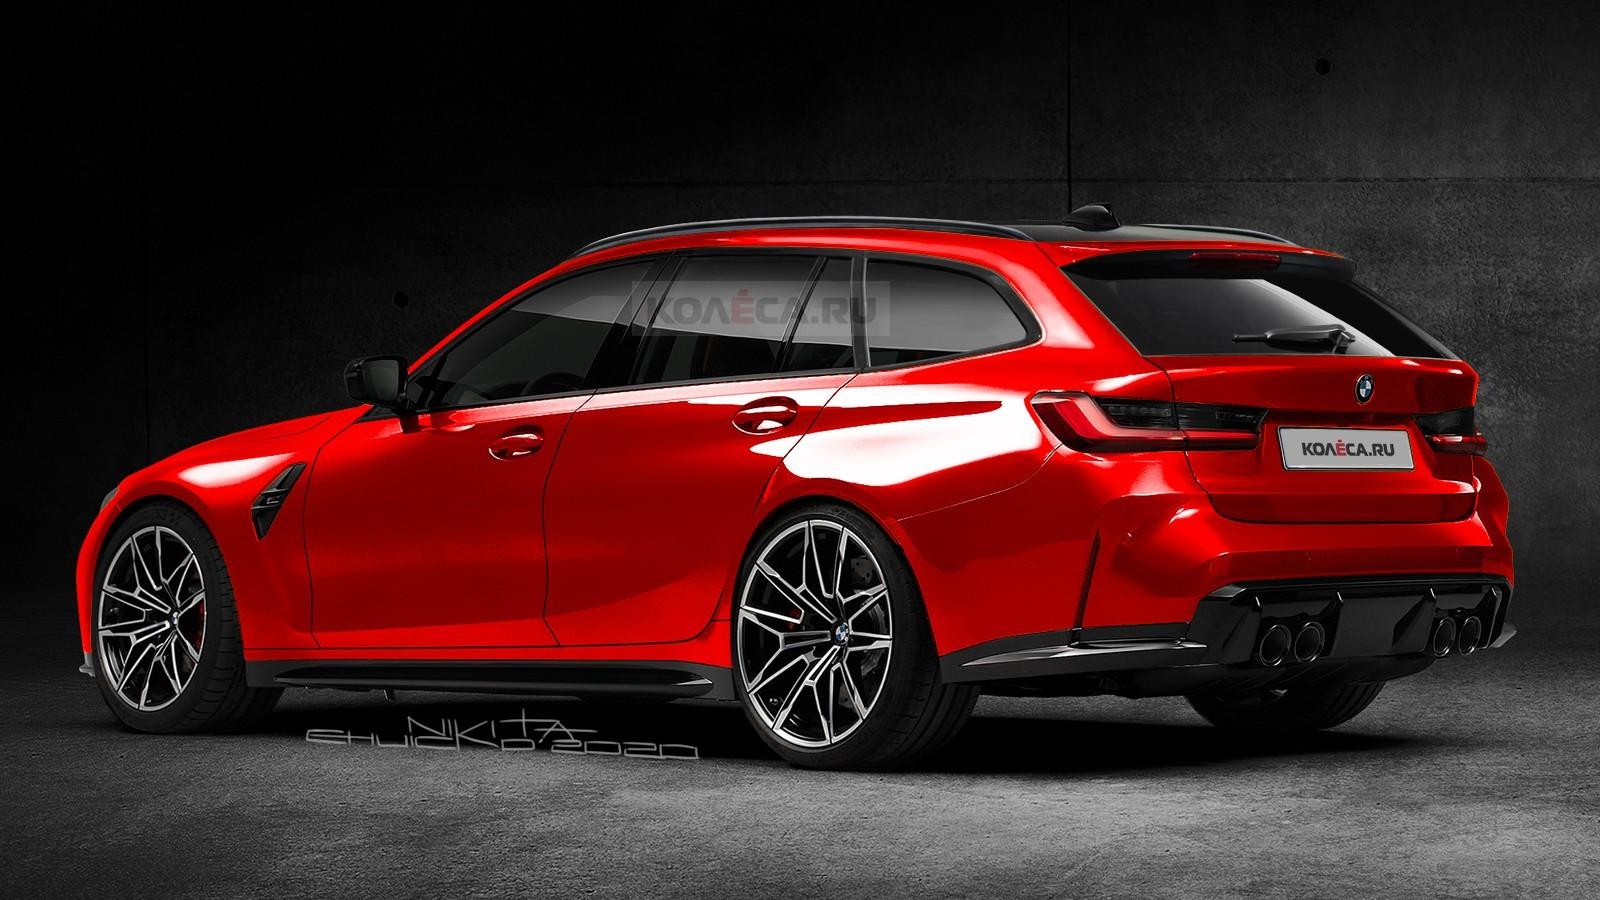 BMW занимается разработкой M3 Touring: новое фото спортивного универсала